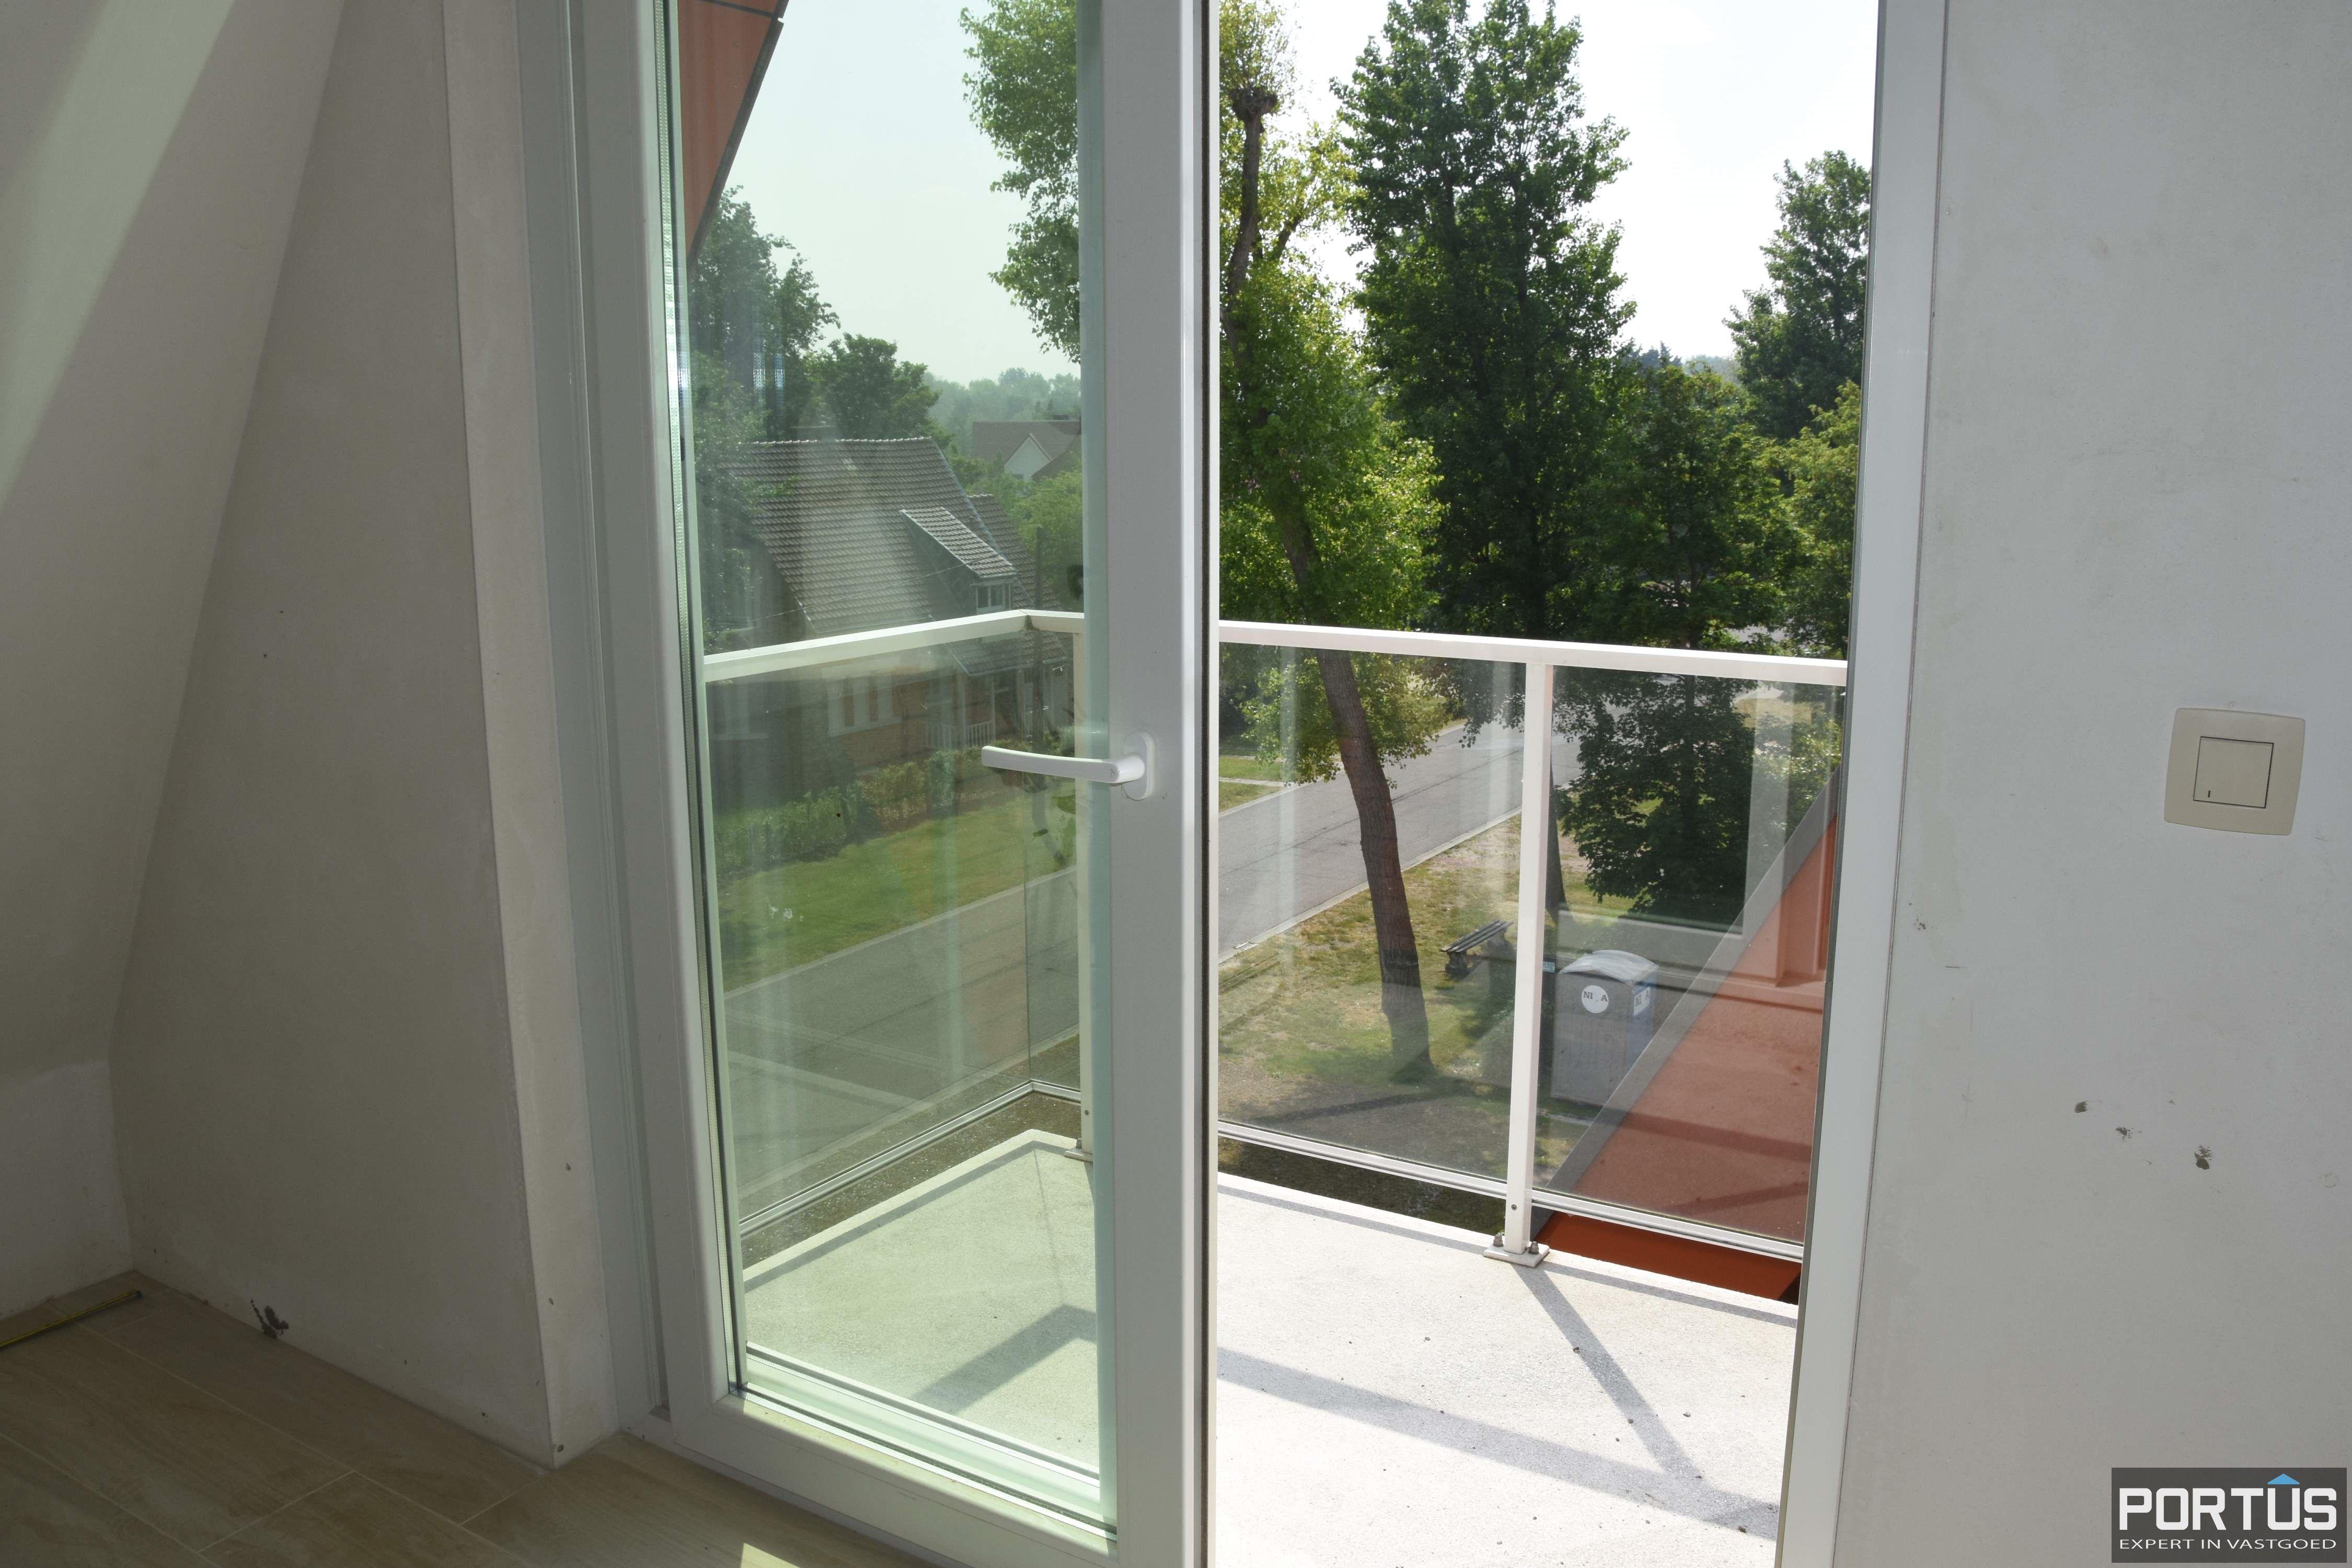 Appartement Residentie Villa Crombez Nieuwpoort - 8380